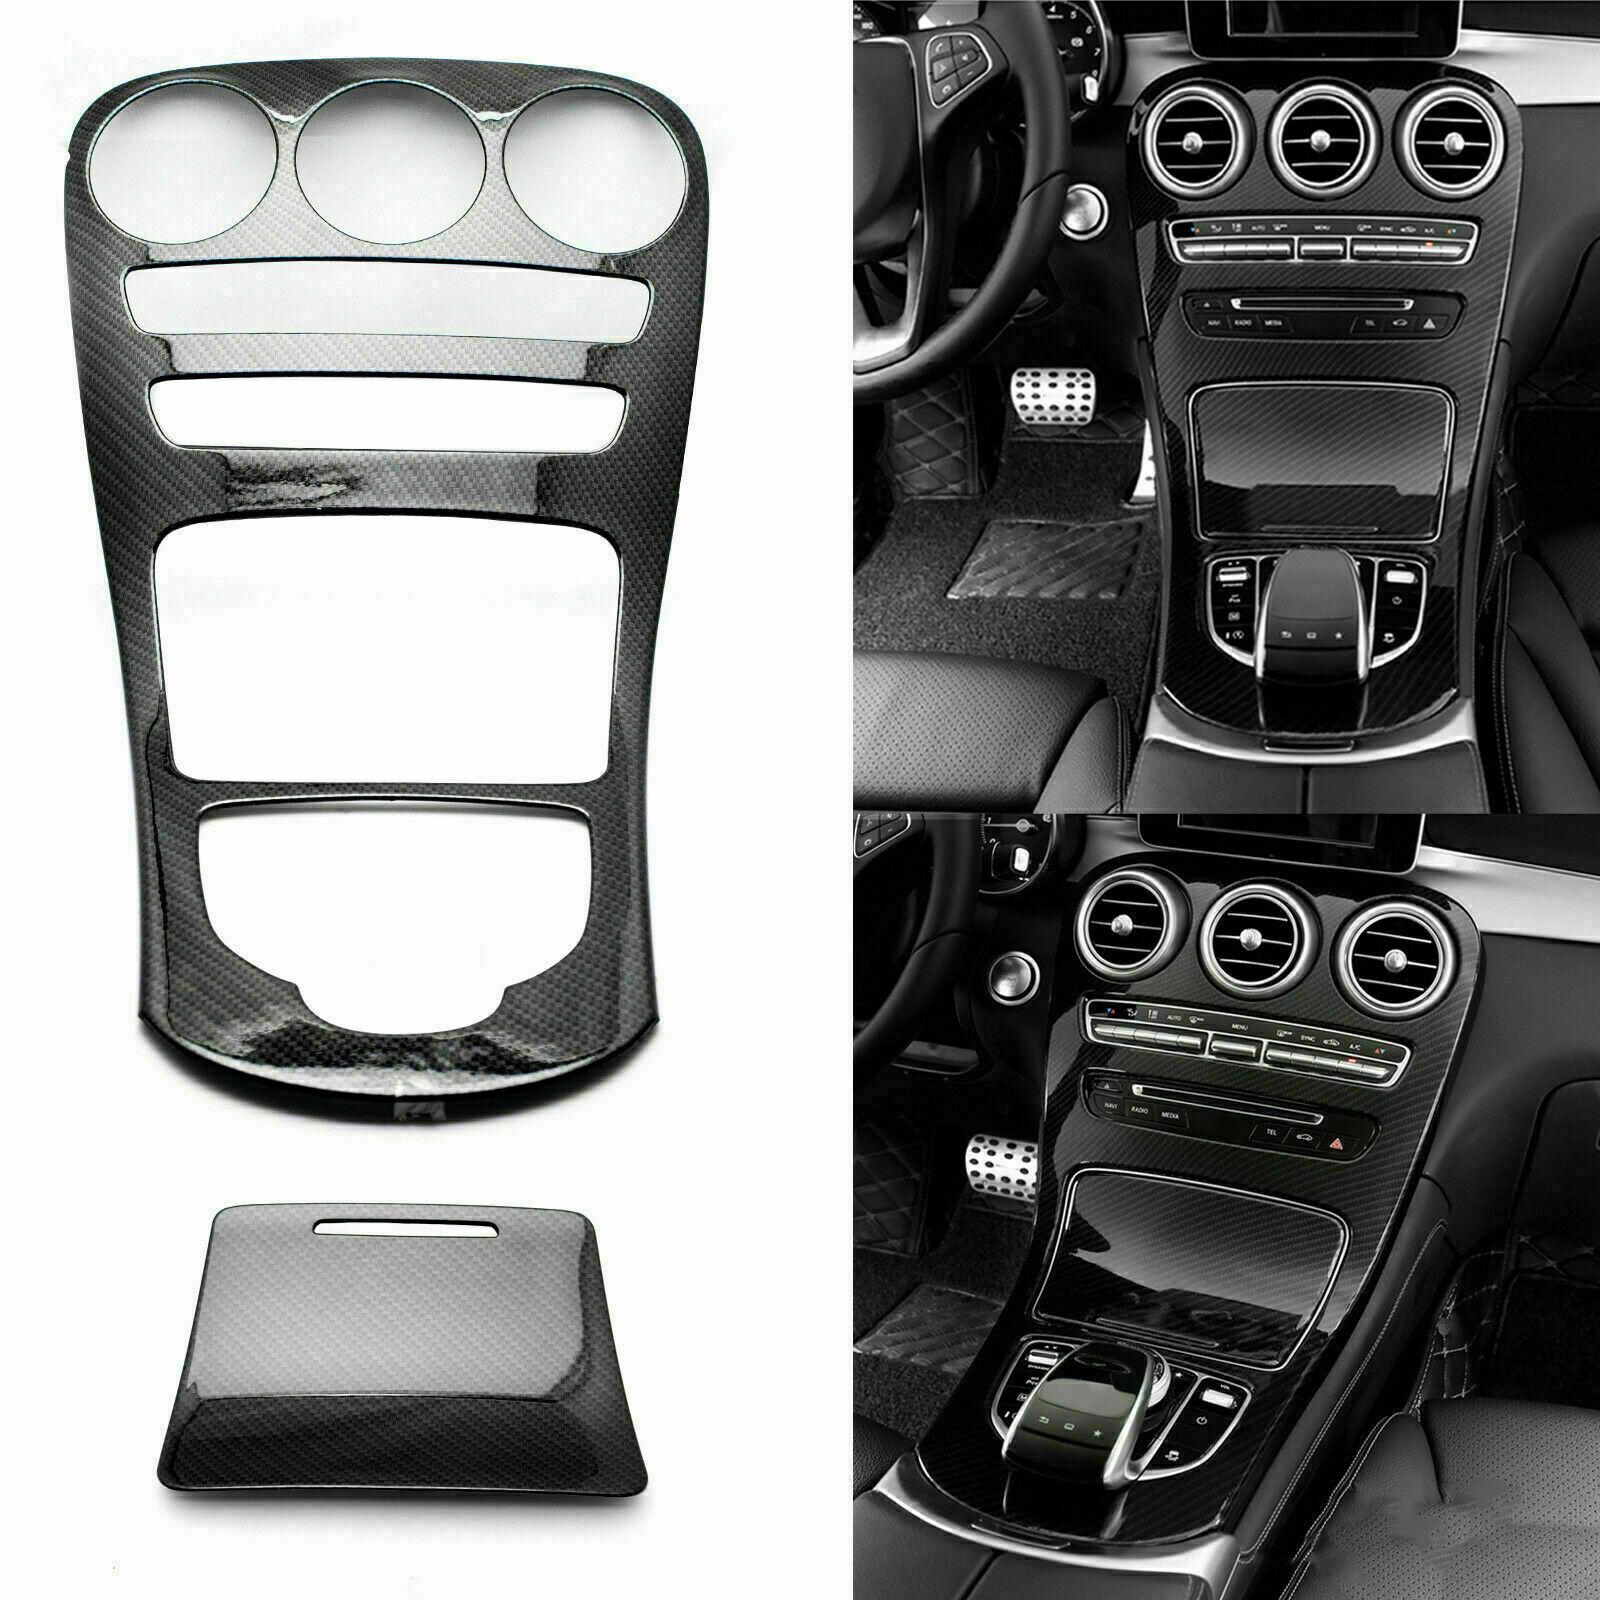 Abs Center Console Panel Decoration Cover Trim 2Pcs For Mercedes Benz C Class W205/Glc X253 Carbon Fiber Color